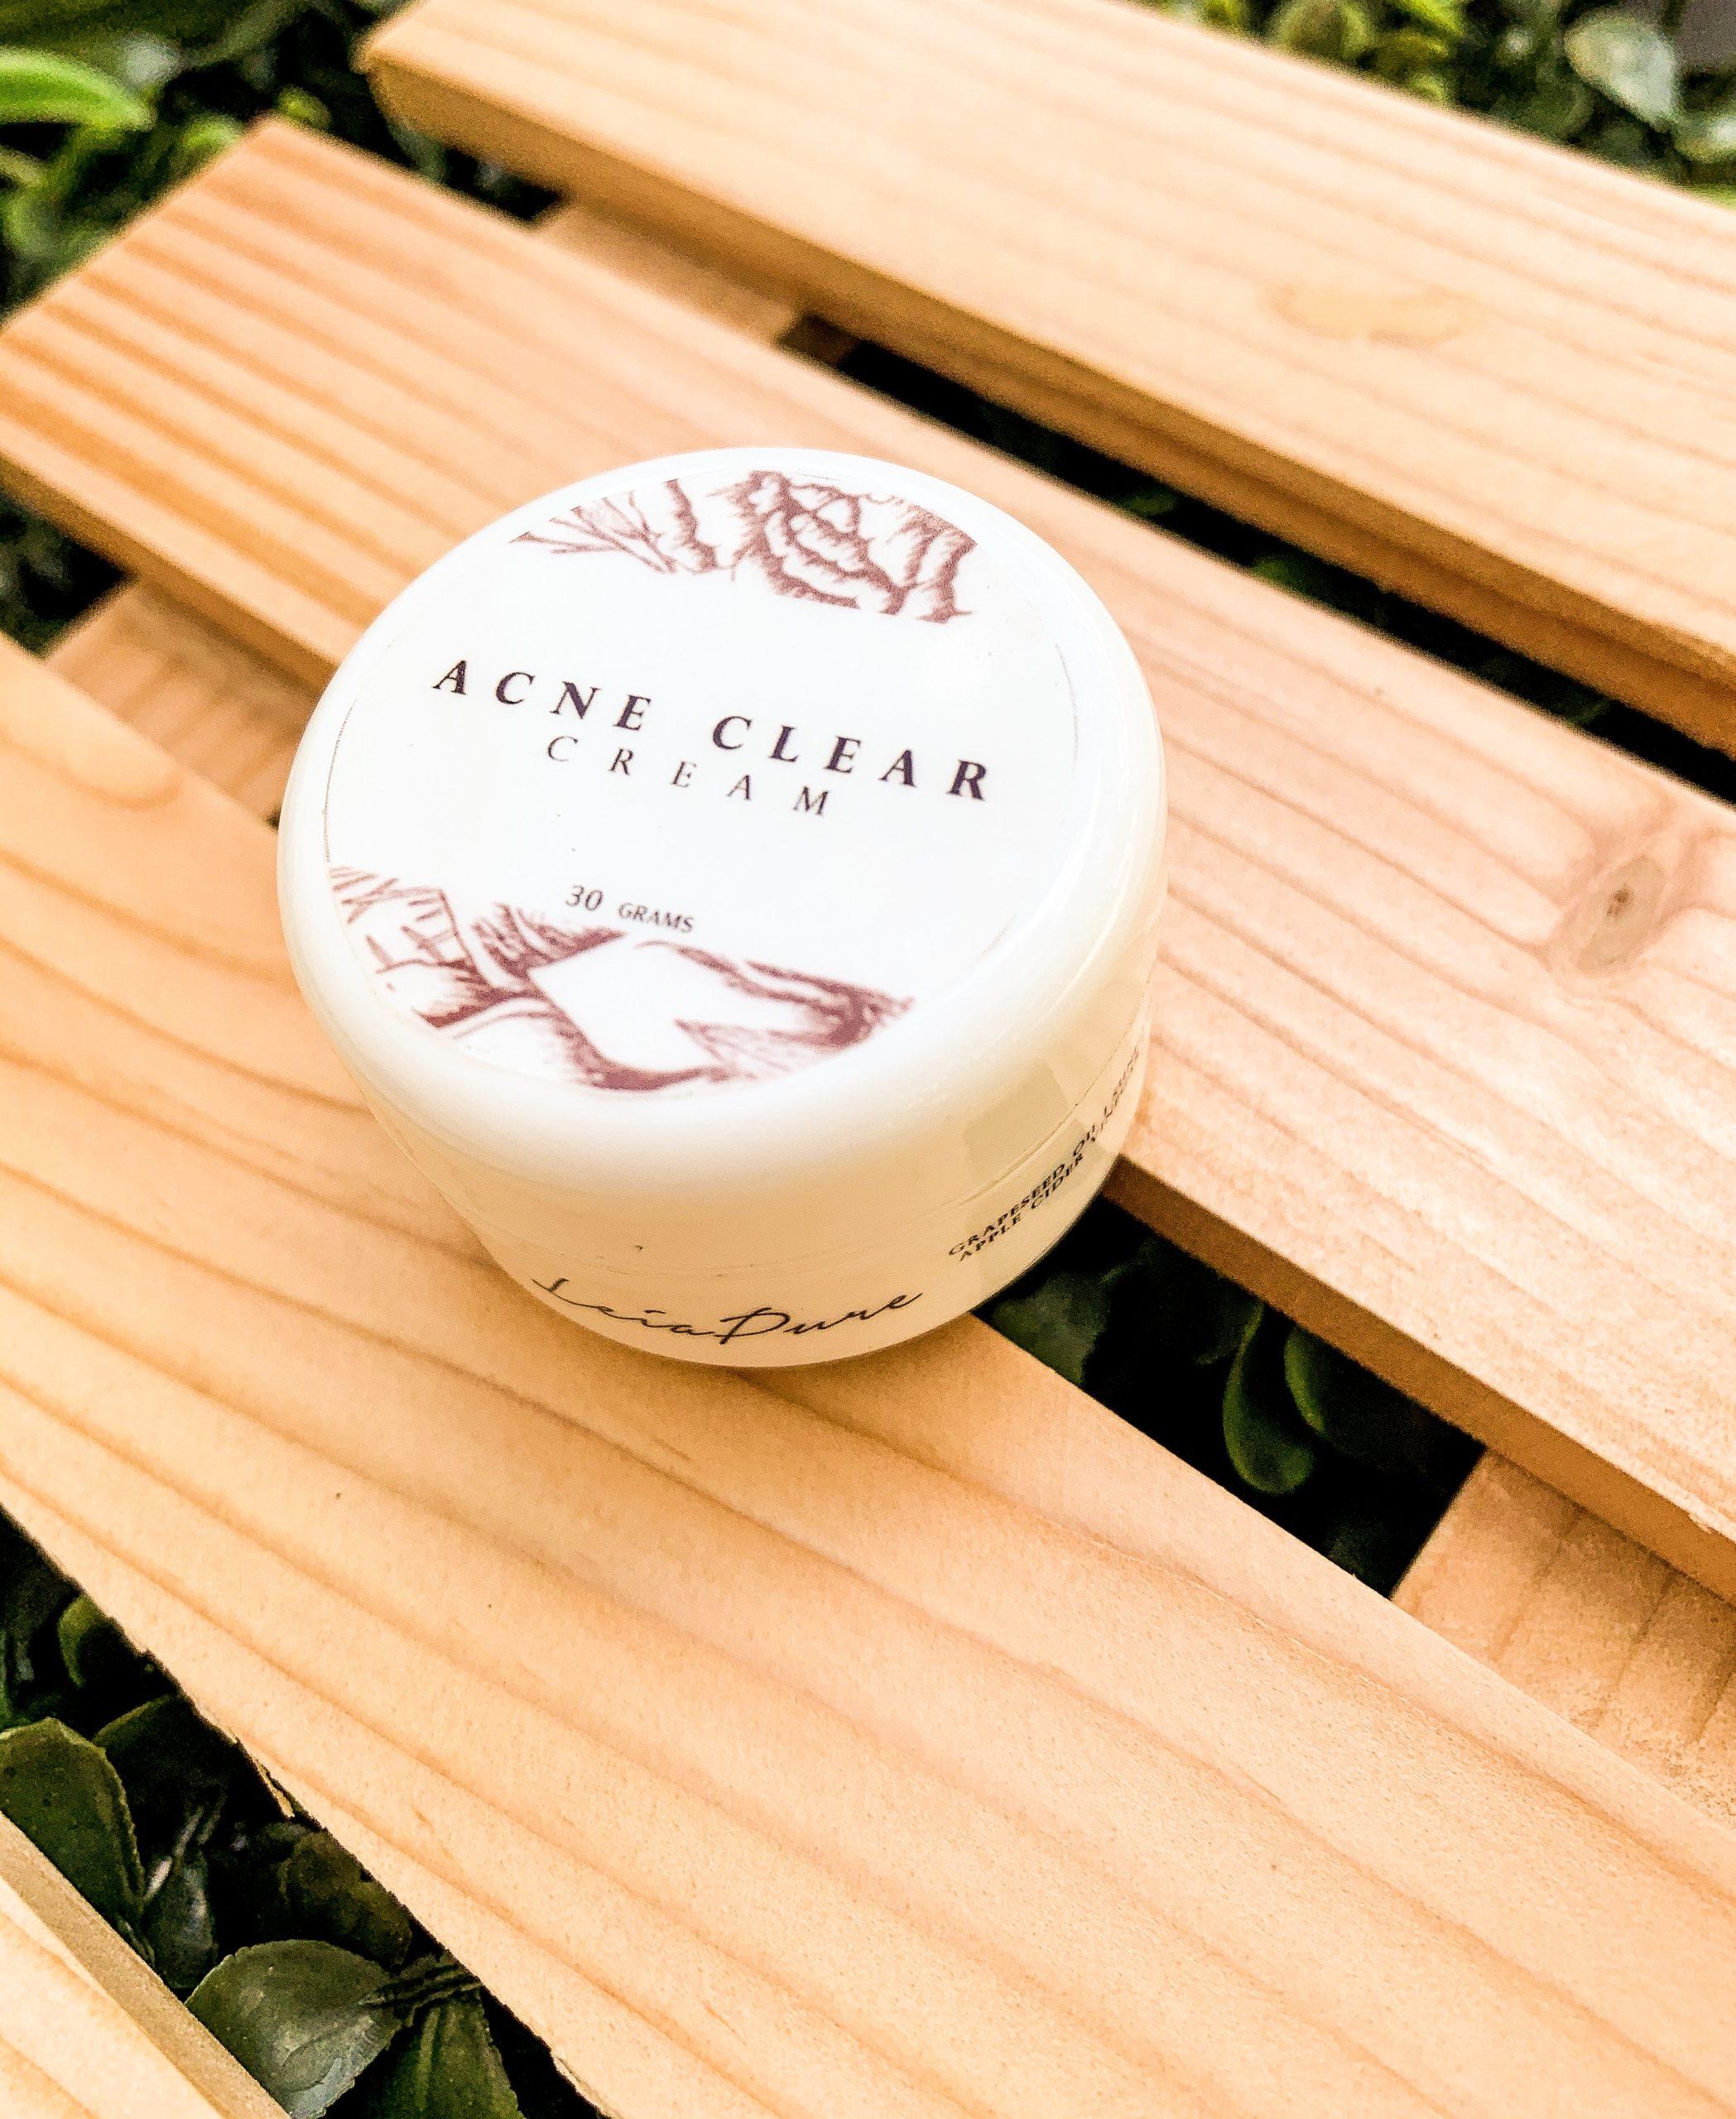 Acne Clear Cream